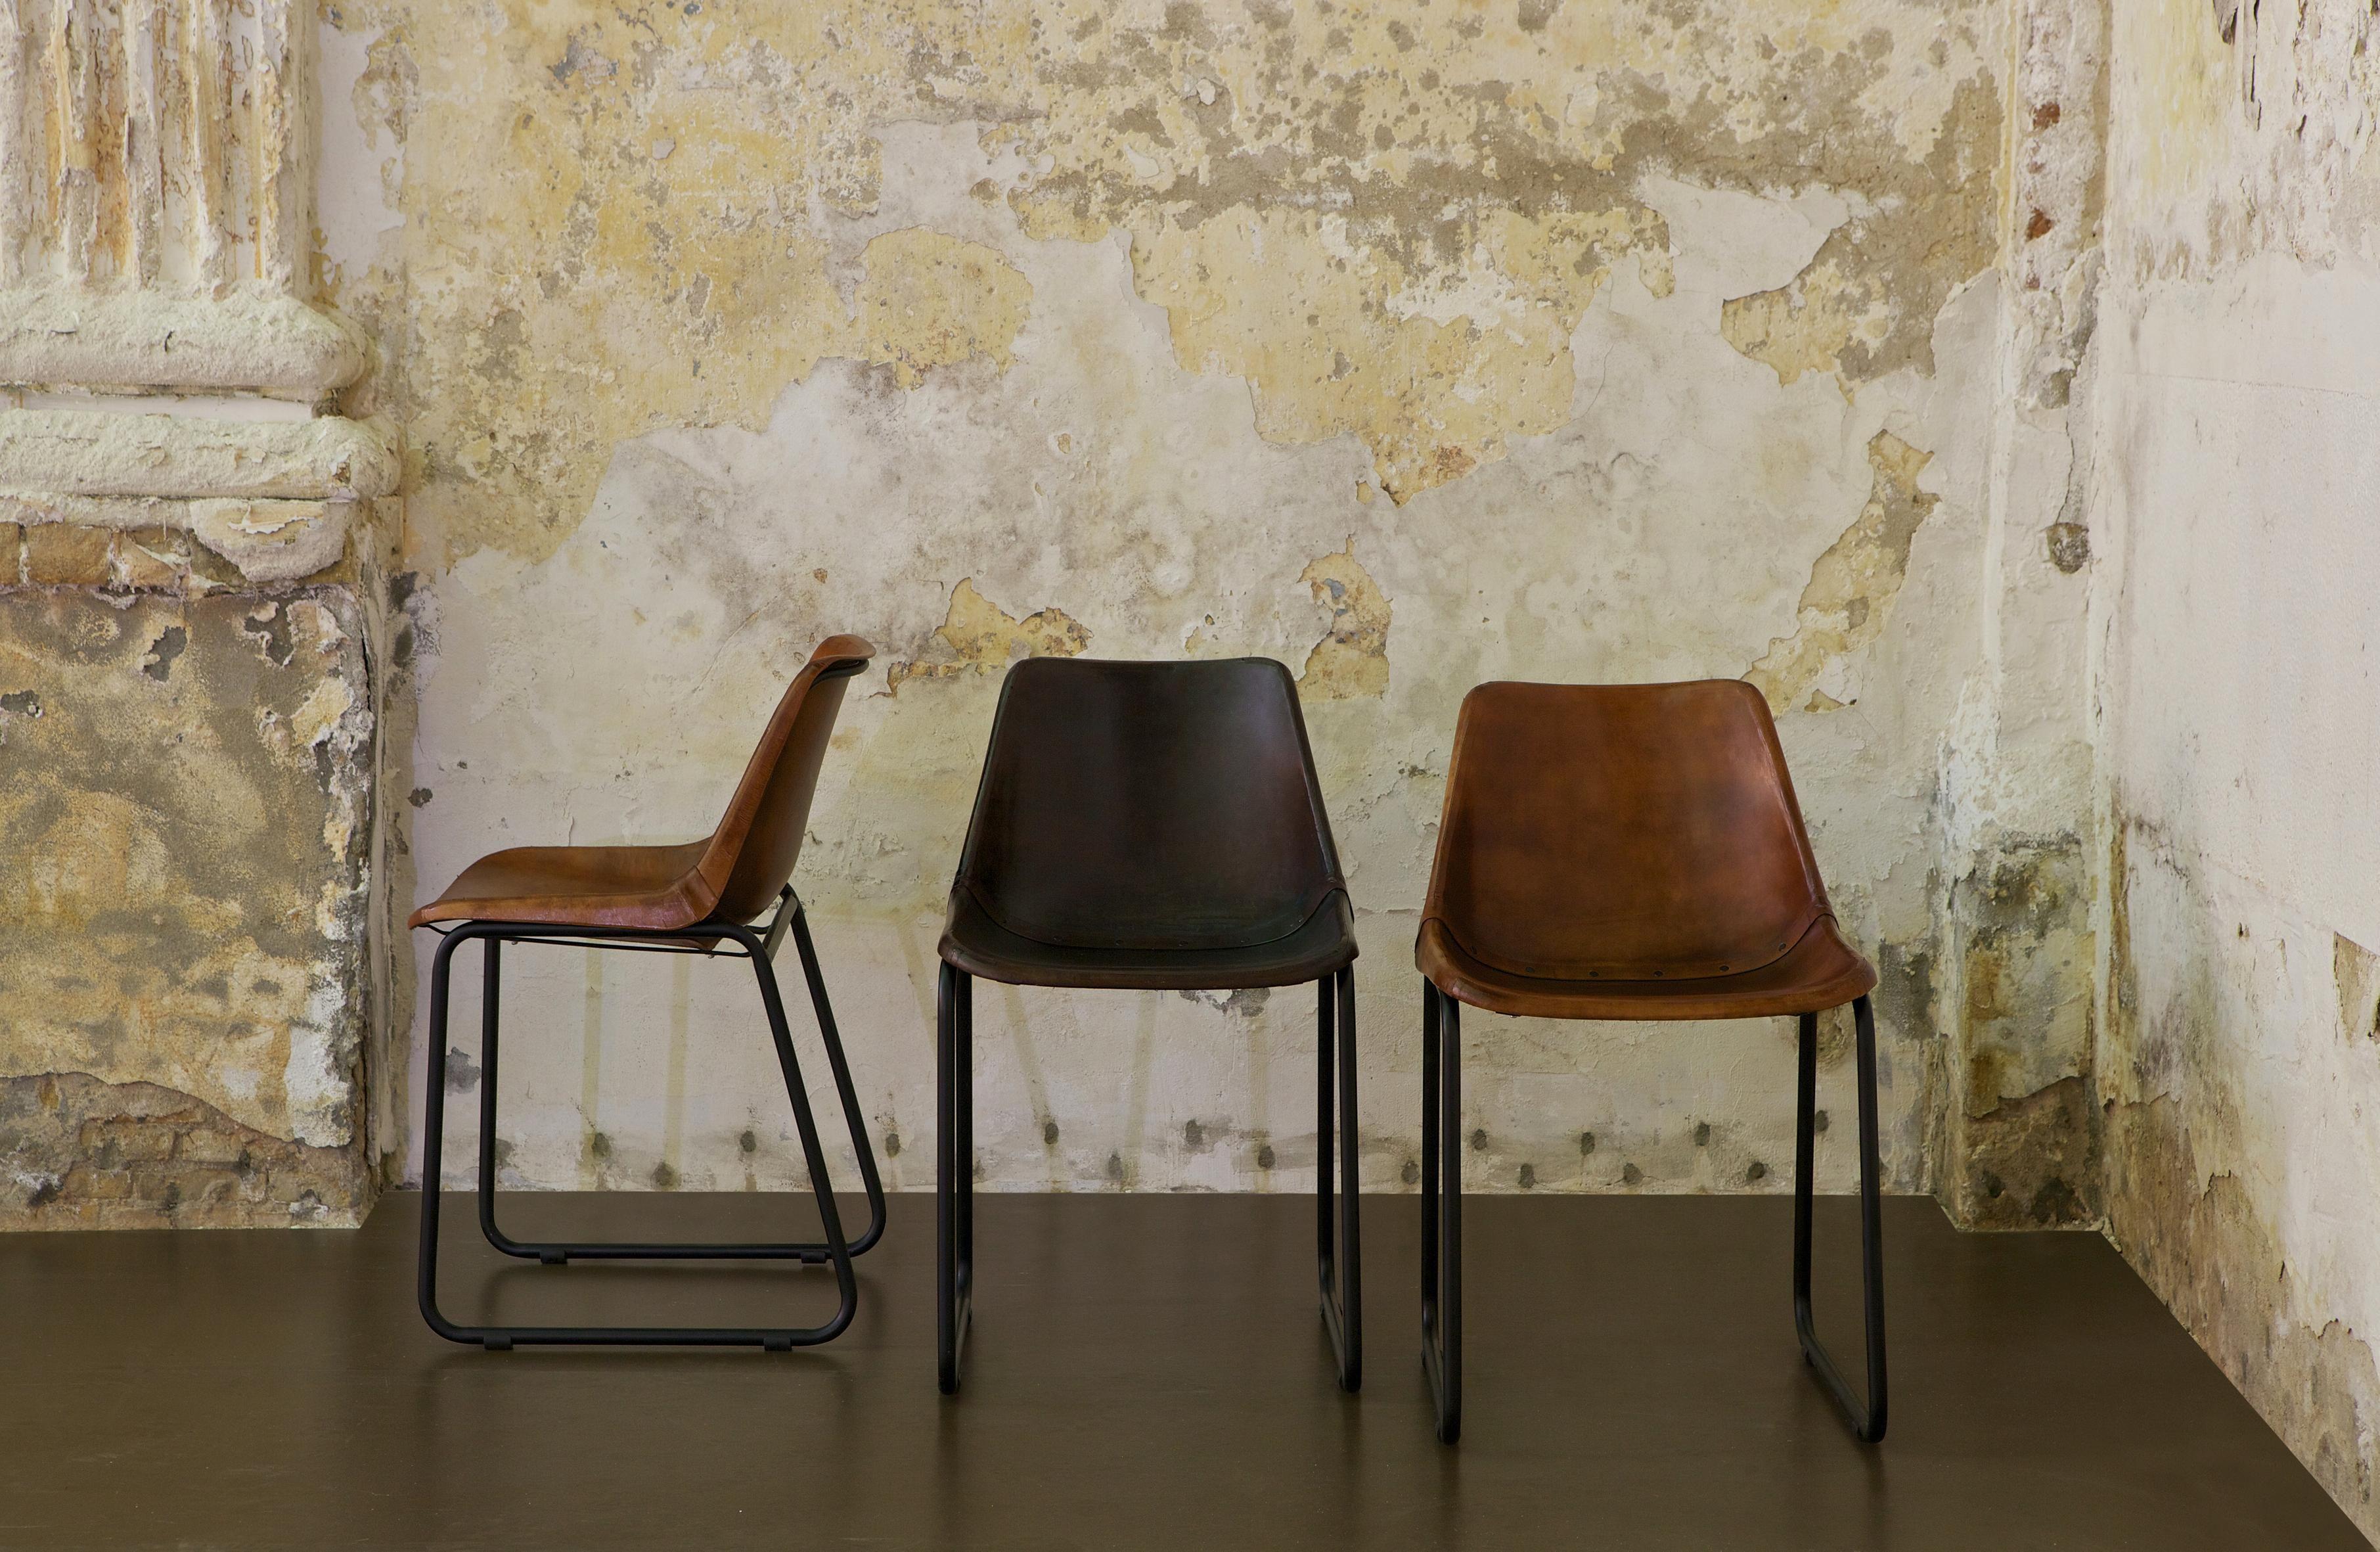 Dekofurn esszimmersets ein vintagestuhl der begeistert holt euch diesen originellen stuhl